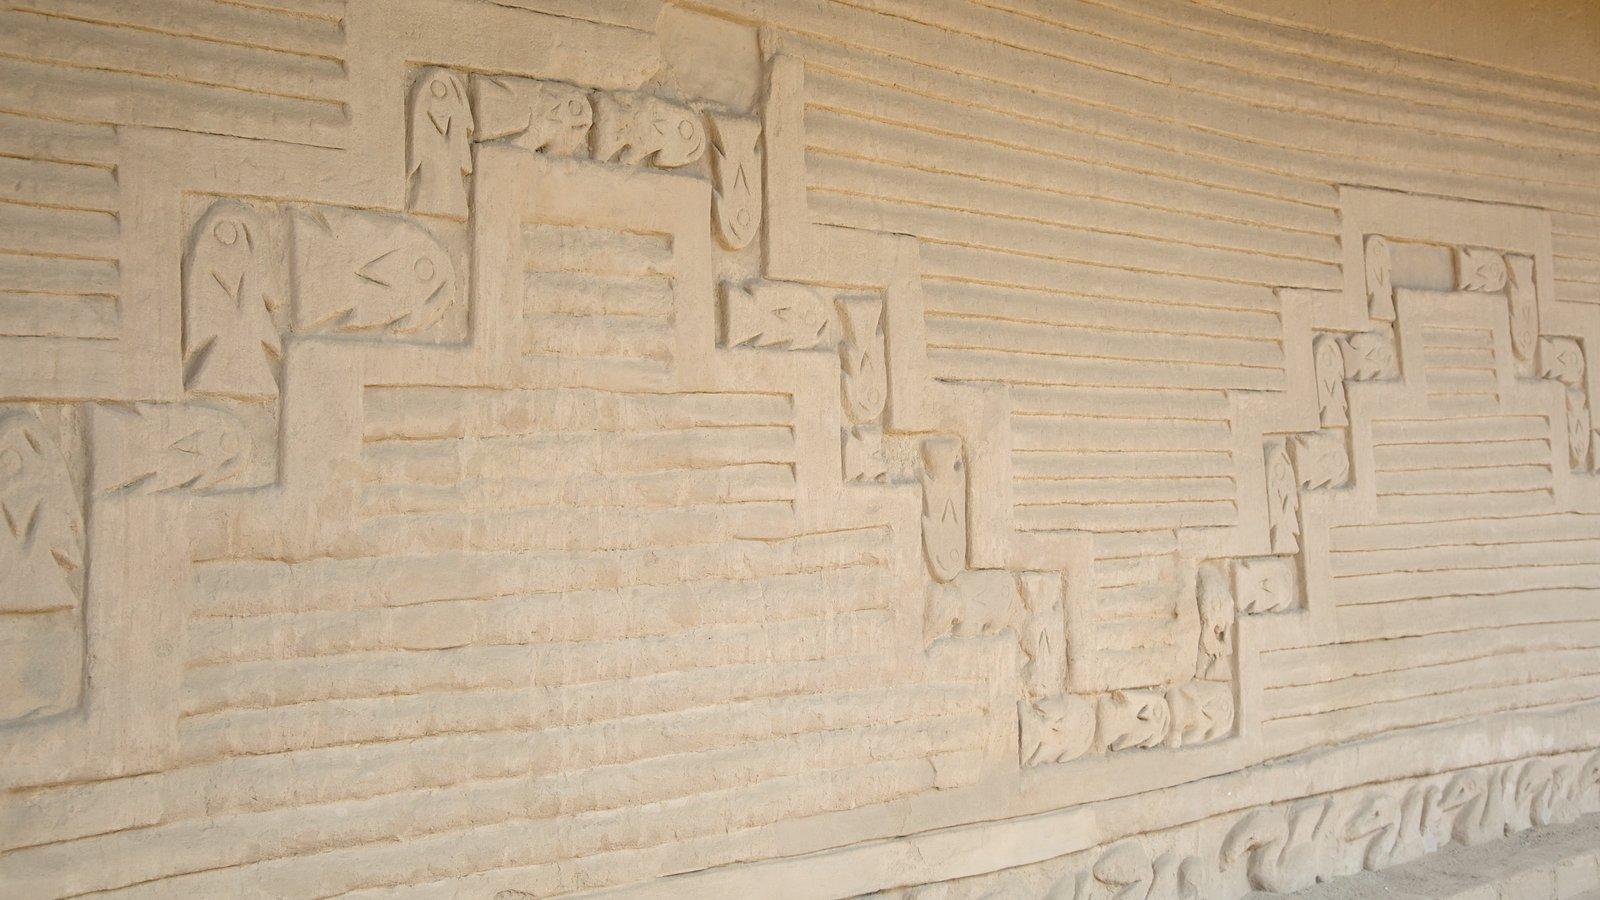 Chan Chan caracterizando arquitetura de patrimônio e elementos de patrimônio